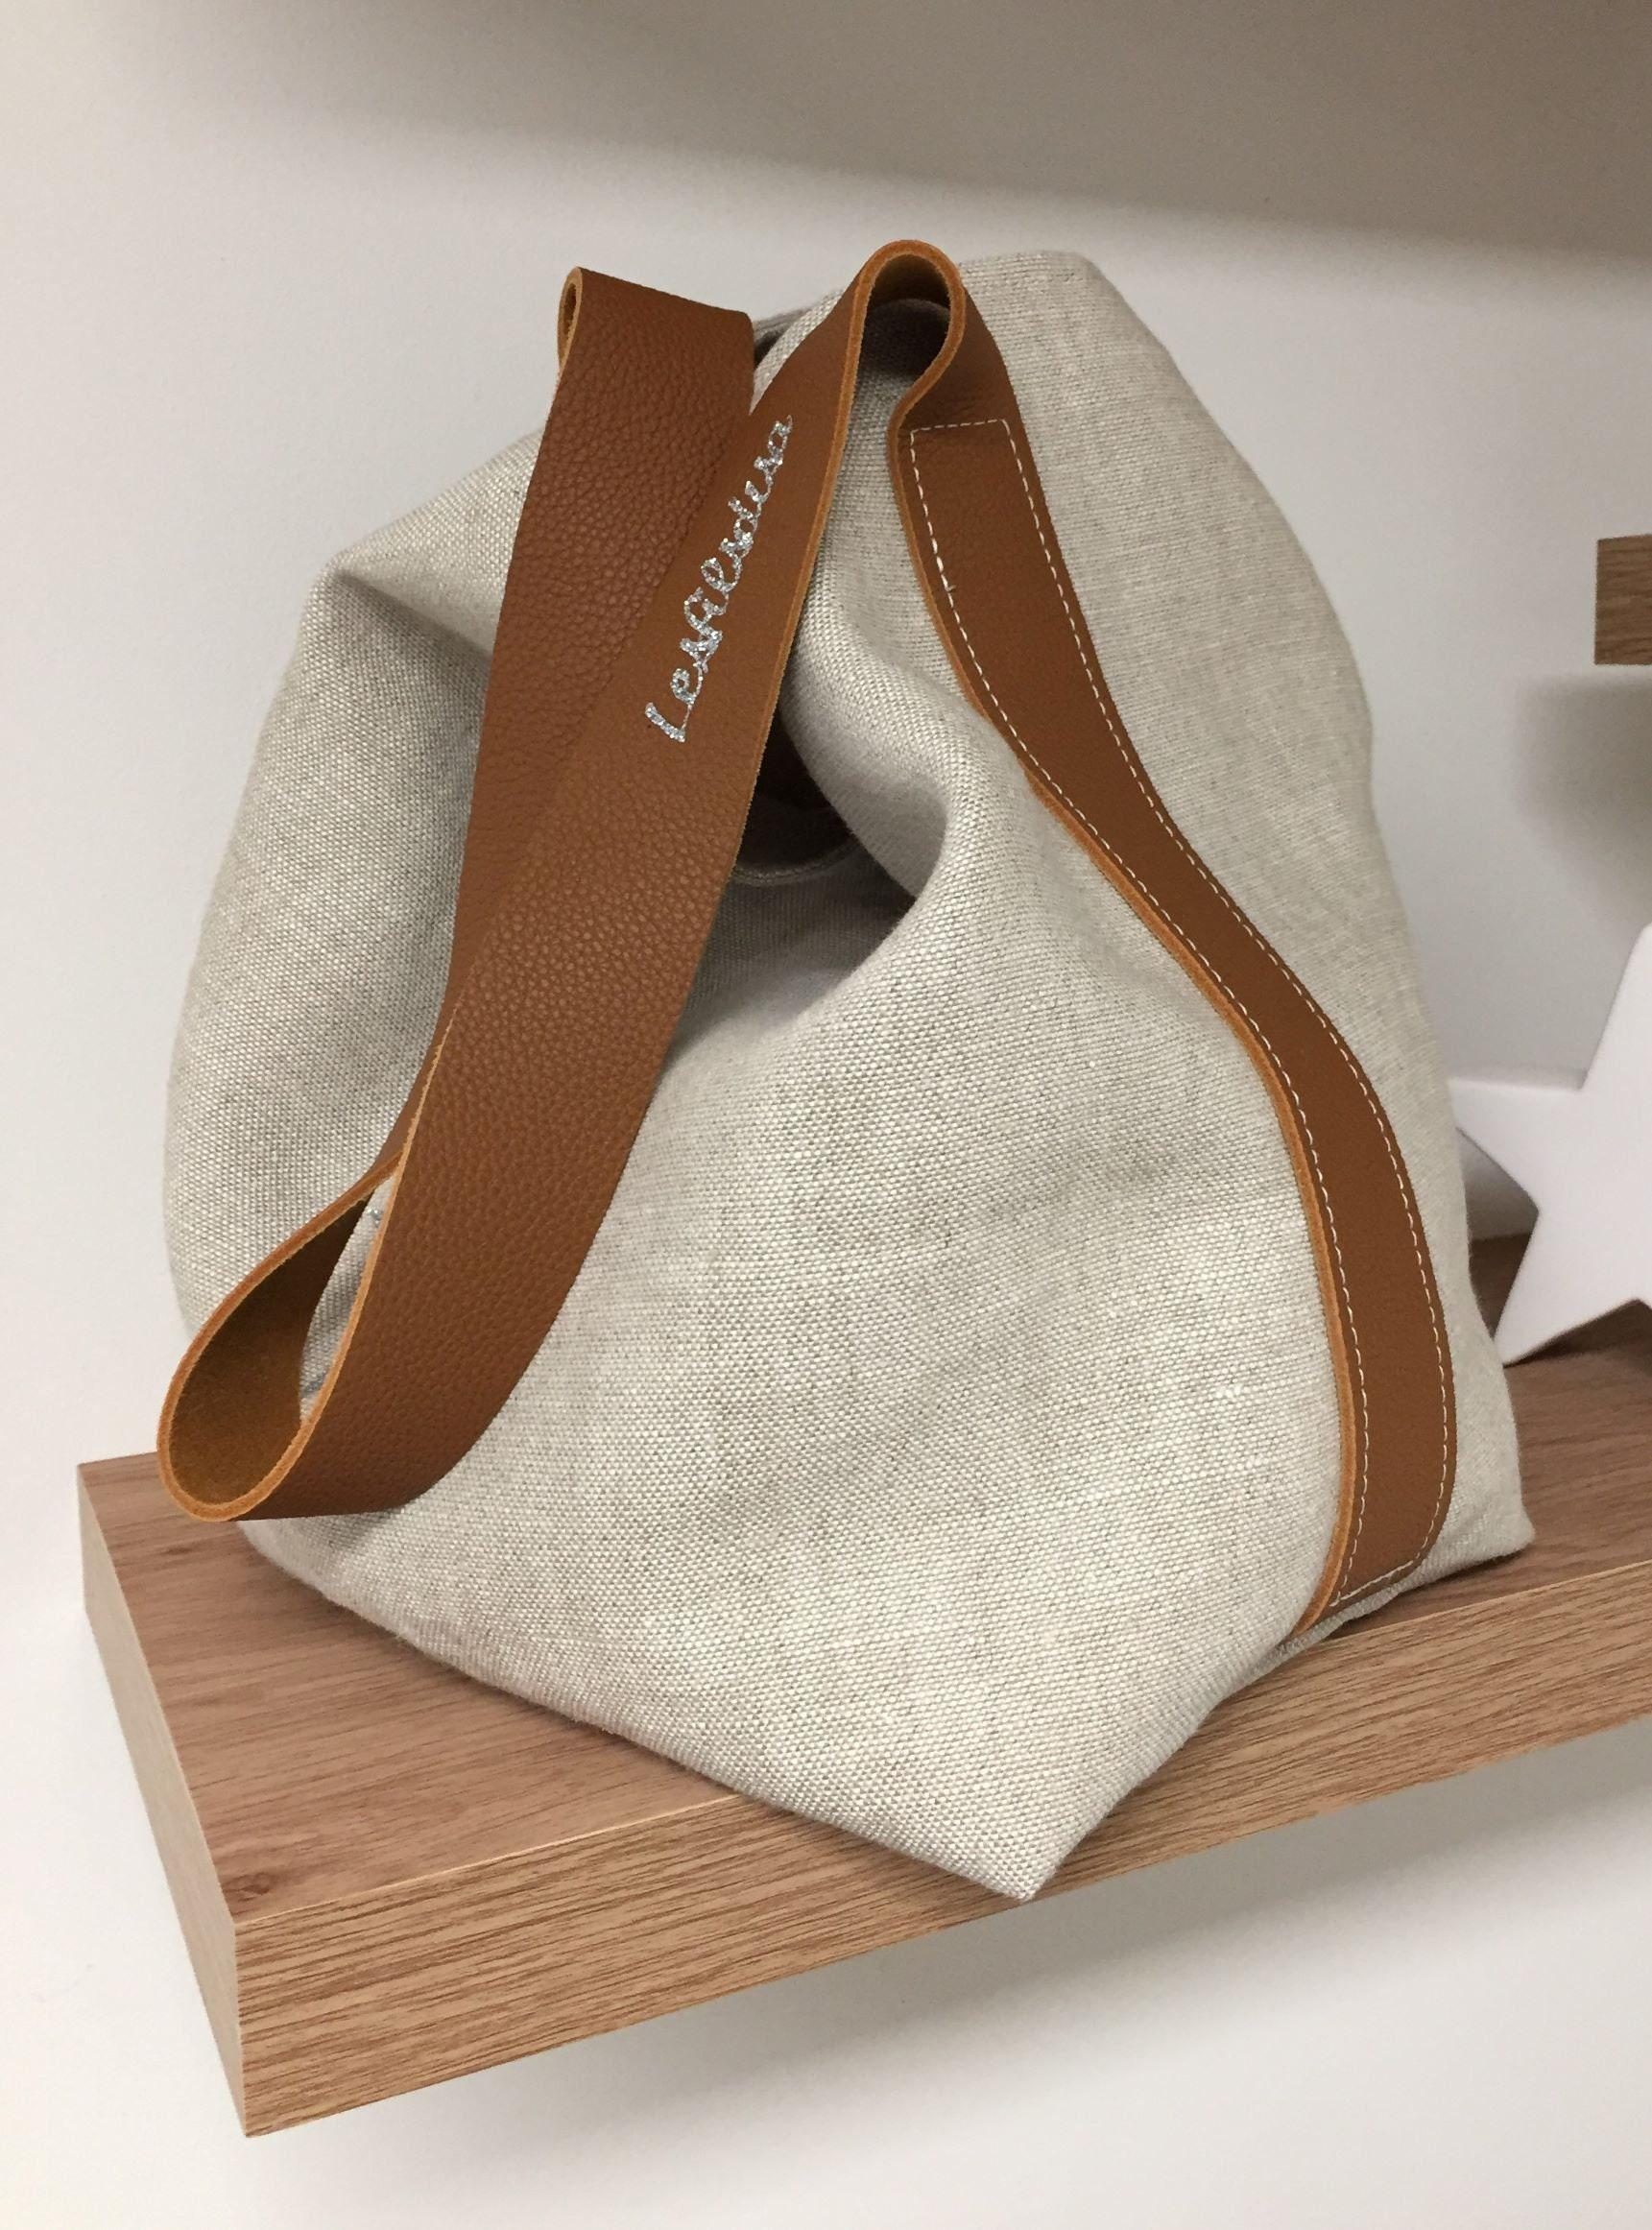 6063771e8e Sac seau en cuir fauve et lin beige naturel / Tote bag en pur lin style  sportswear avec anse cuir souple / sac cabas pour femme casual